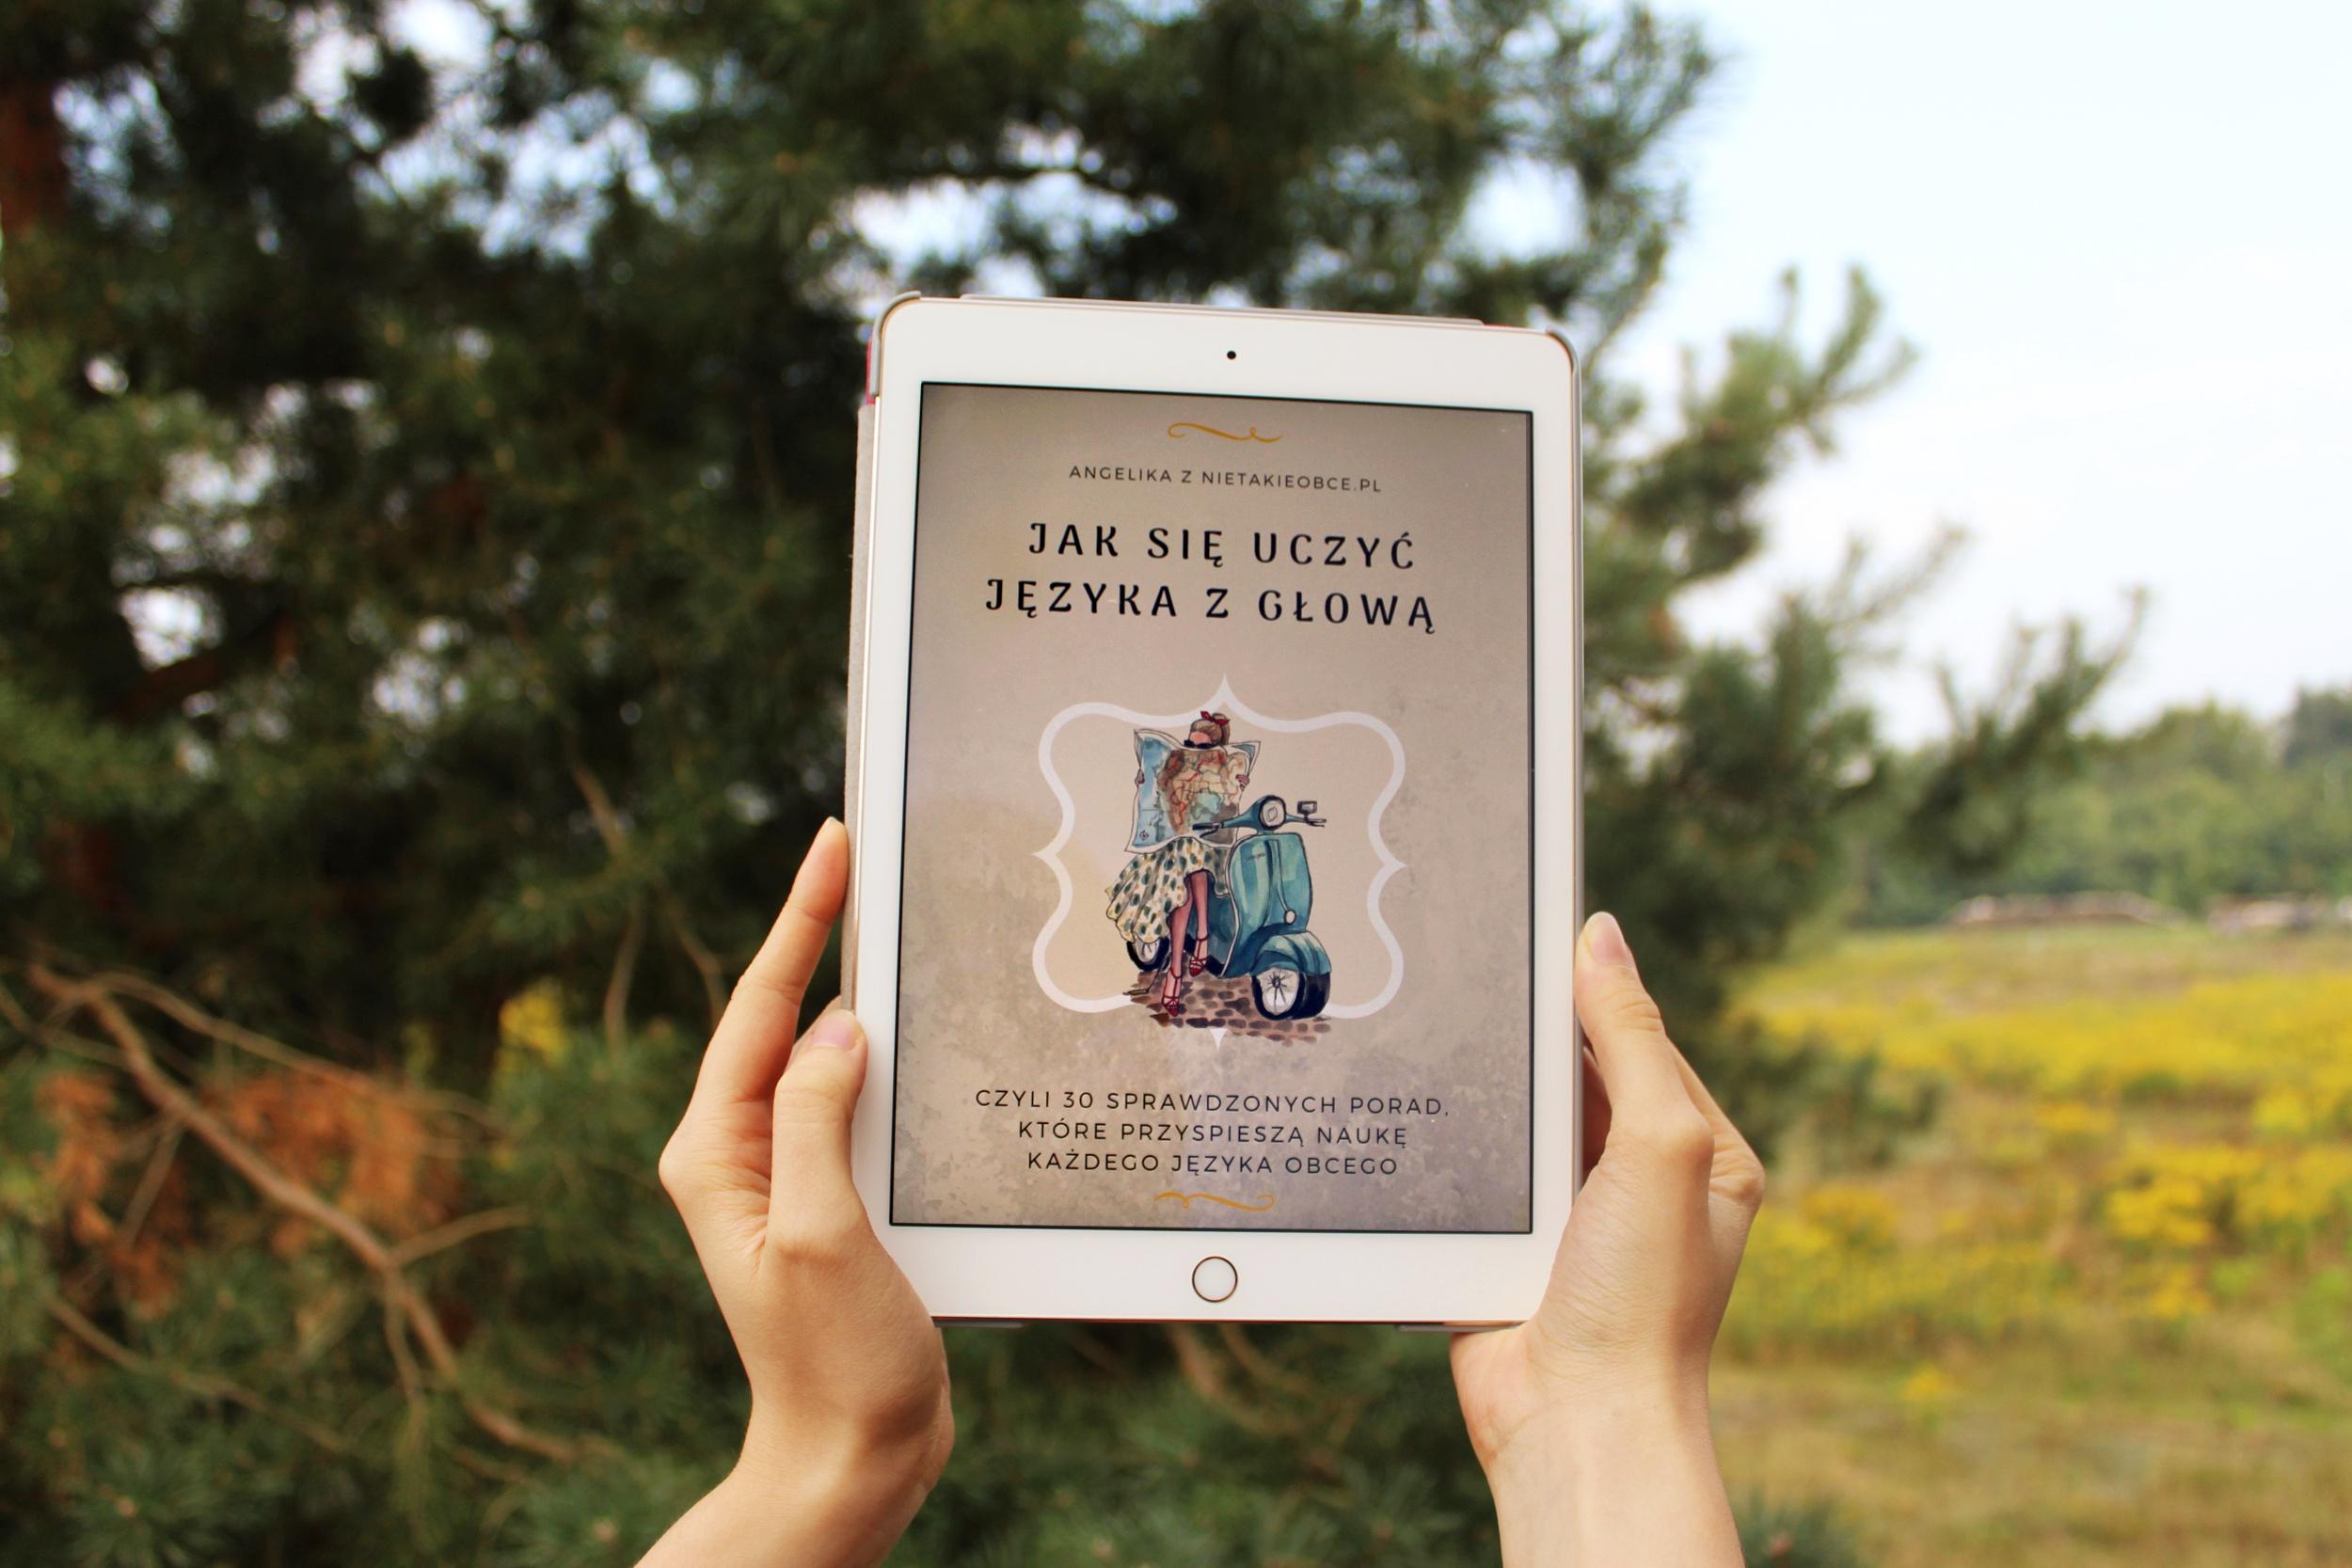 Darmowy eBook jak przyspieszyć naukę języka obcego